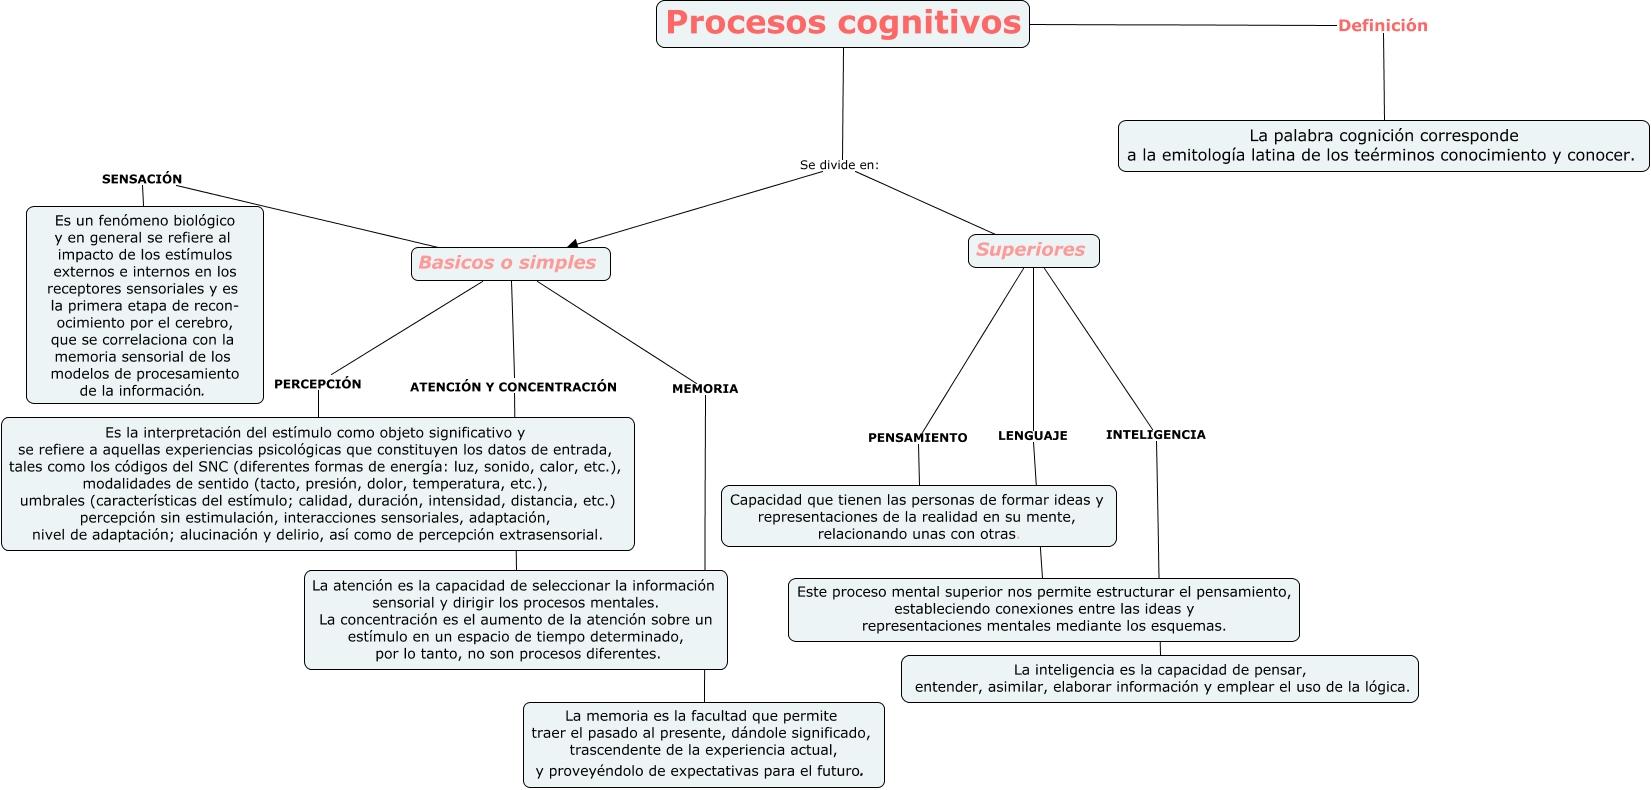 PROCESOS COGNITIVOS - DIVISION DE LOS PROCESOS COGNITIVOS